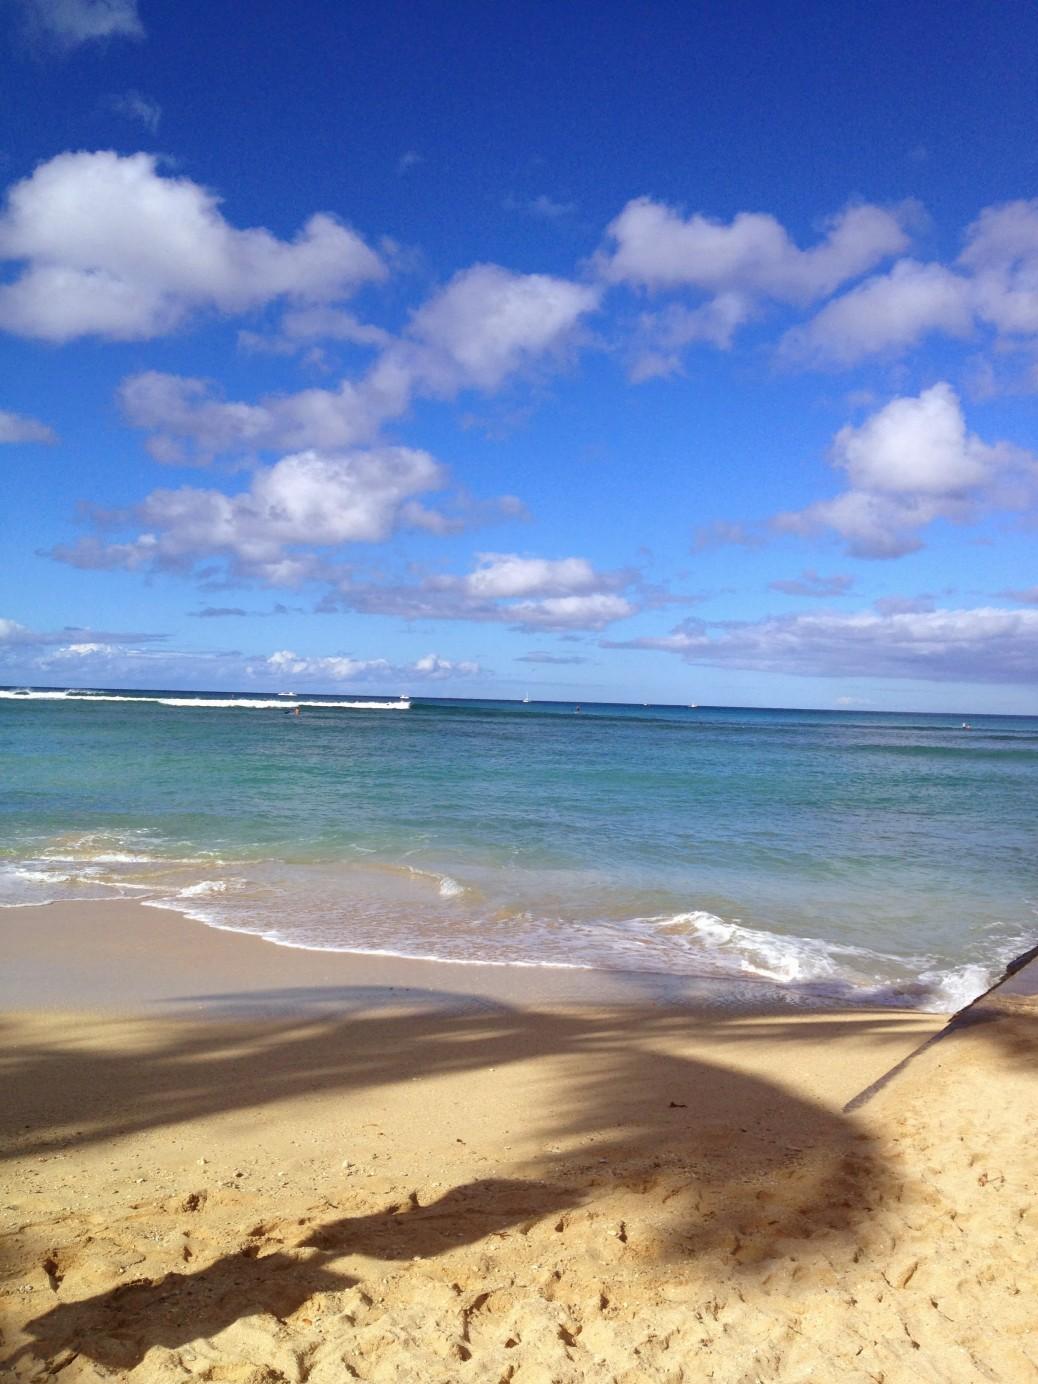 Waves outside Waikiki.